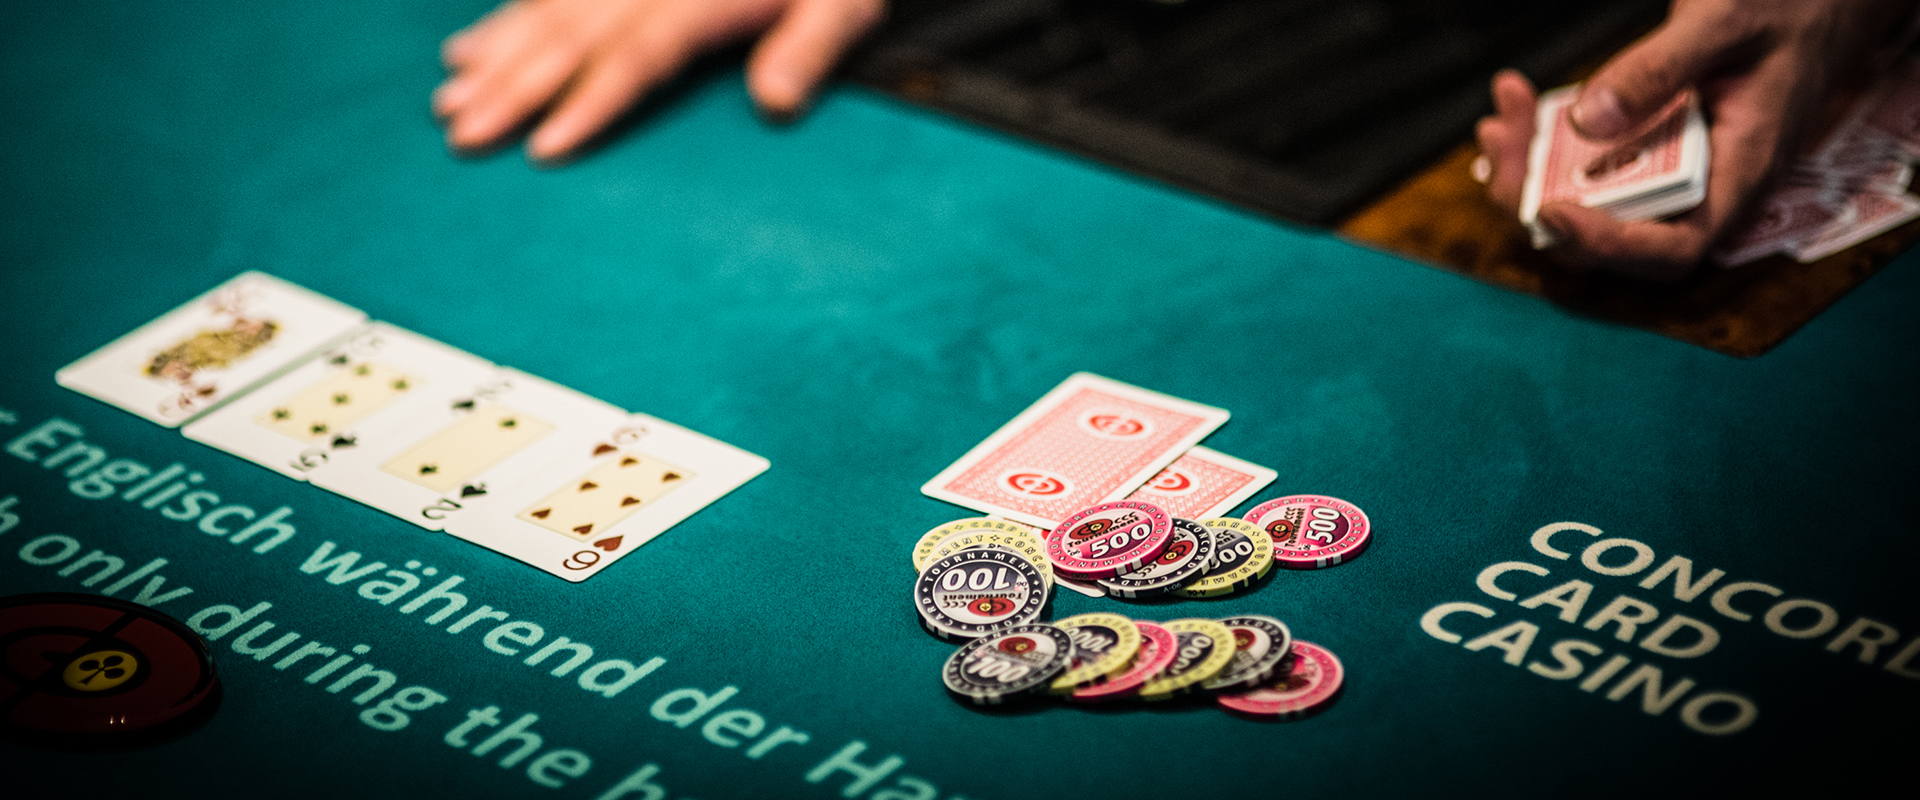 euromania casino bonus code